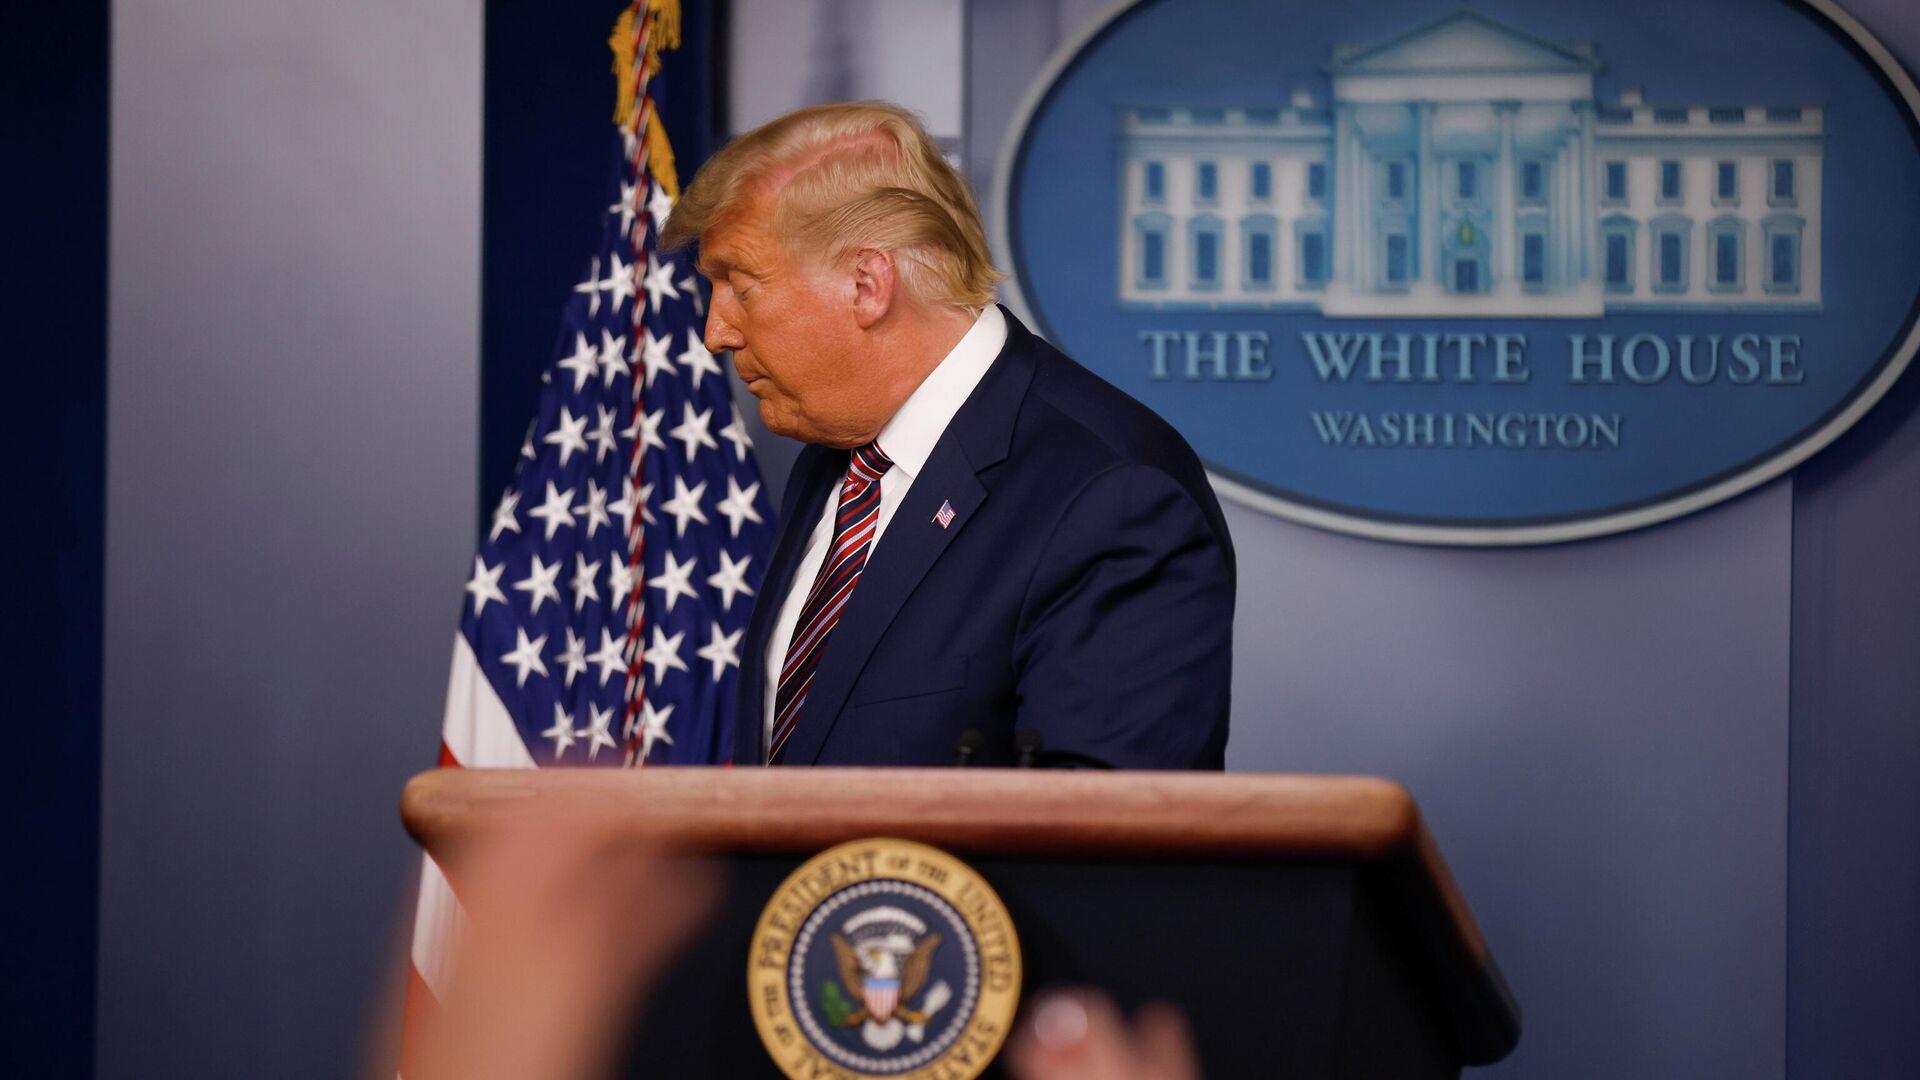 Президент США Дональд Трамп во время выступления в Белом доме в Вашингтоне - РИА Новости, 1920, 09.11.2020